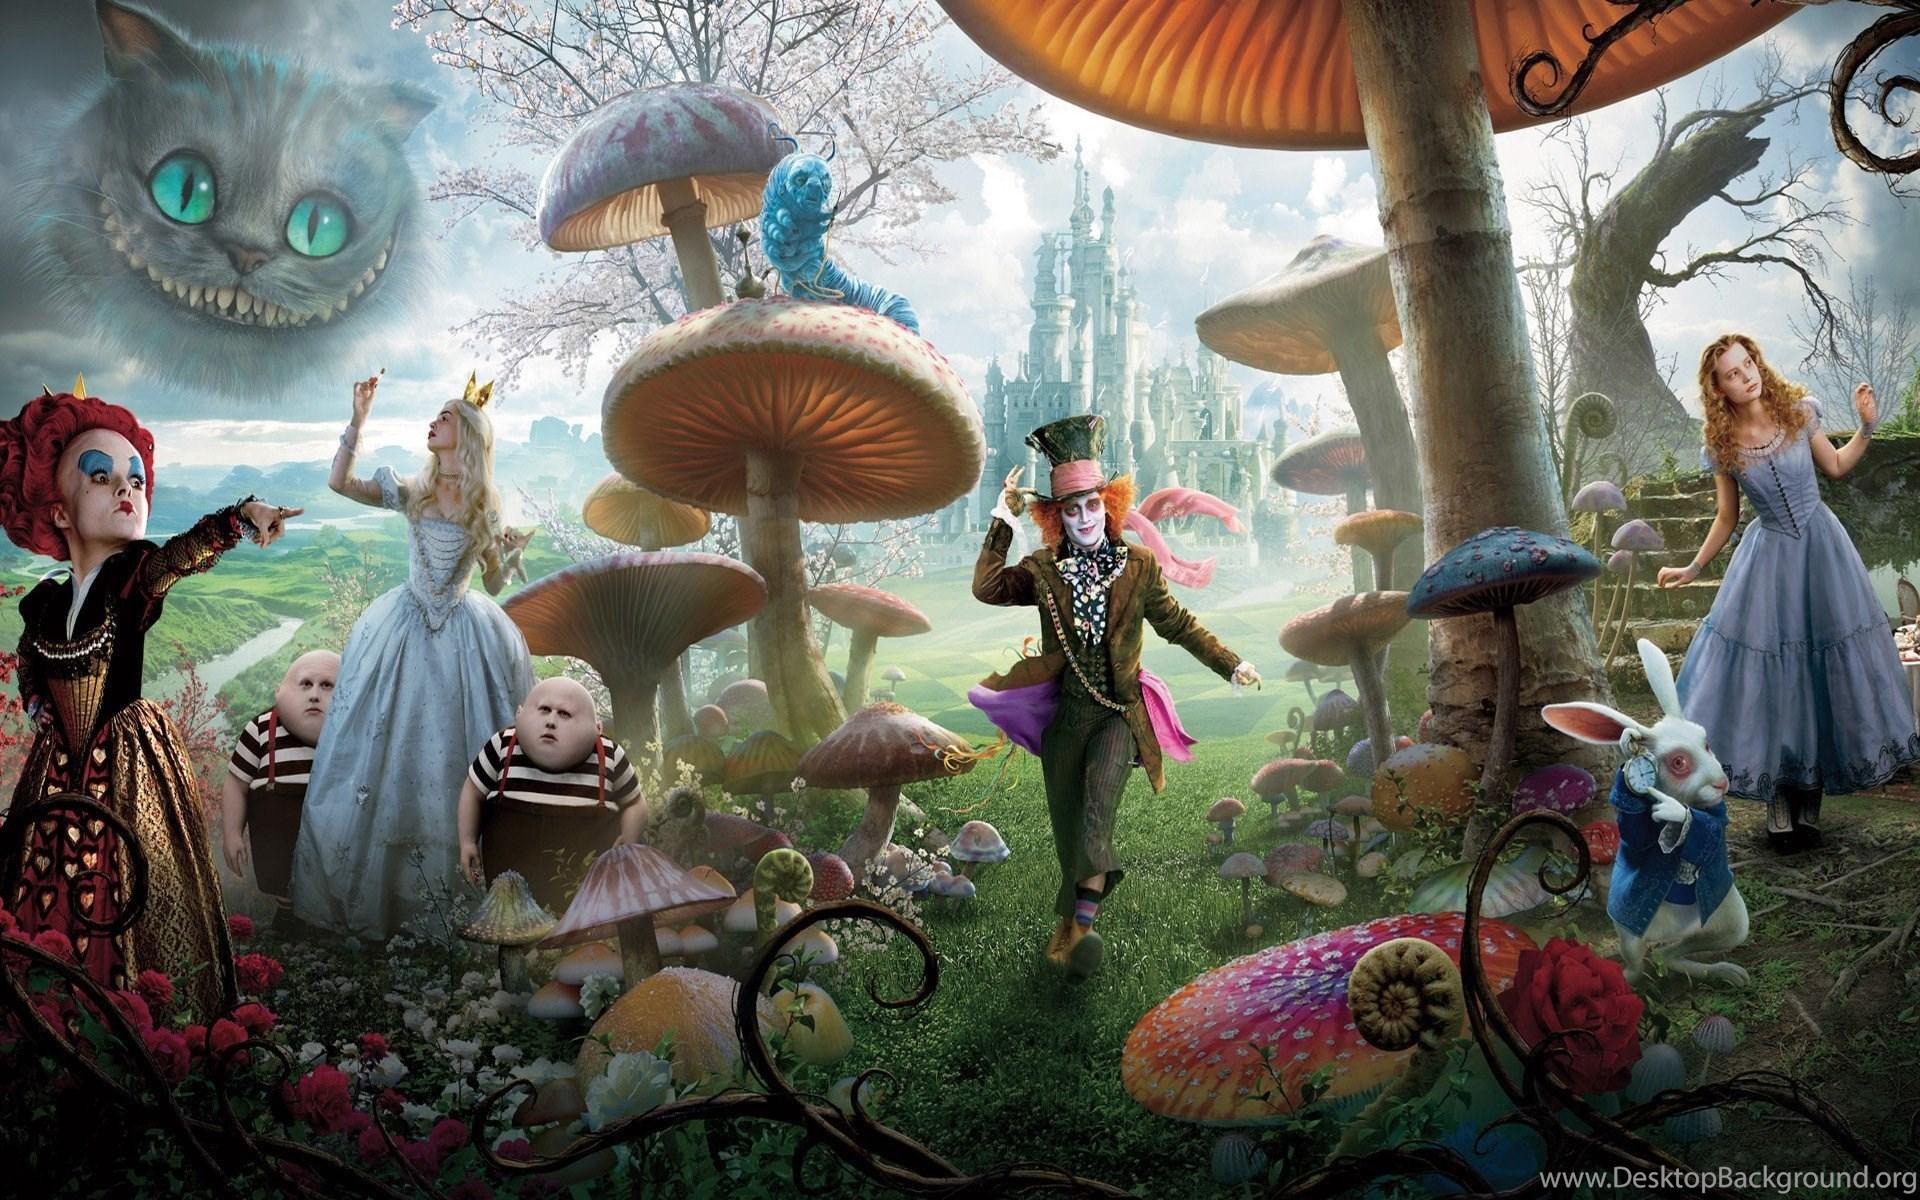 Alice In Wonderland Wallpapers Walldevil Best Free Hd Desktop